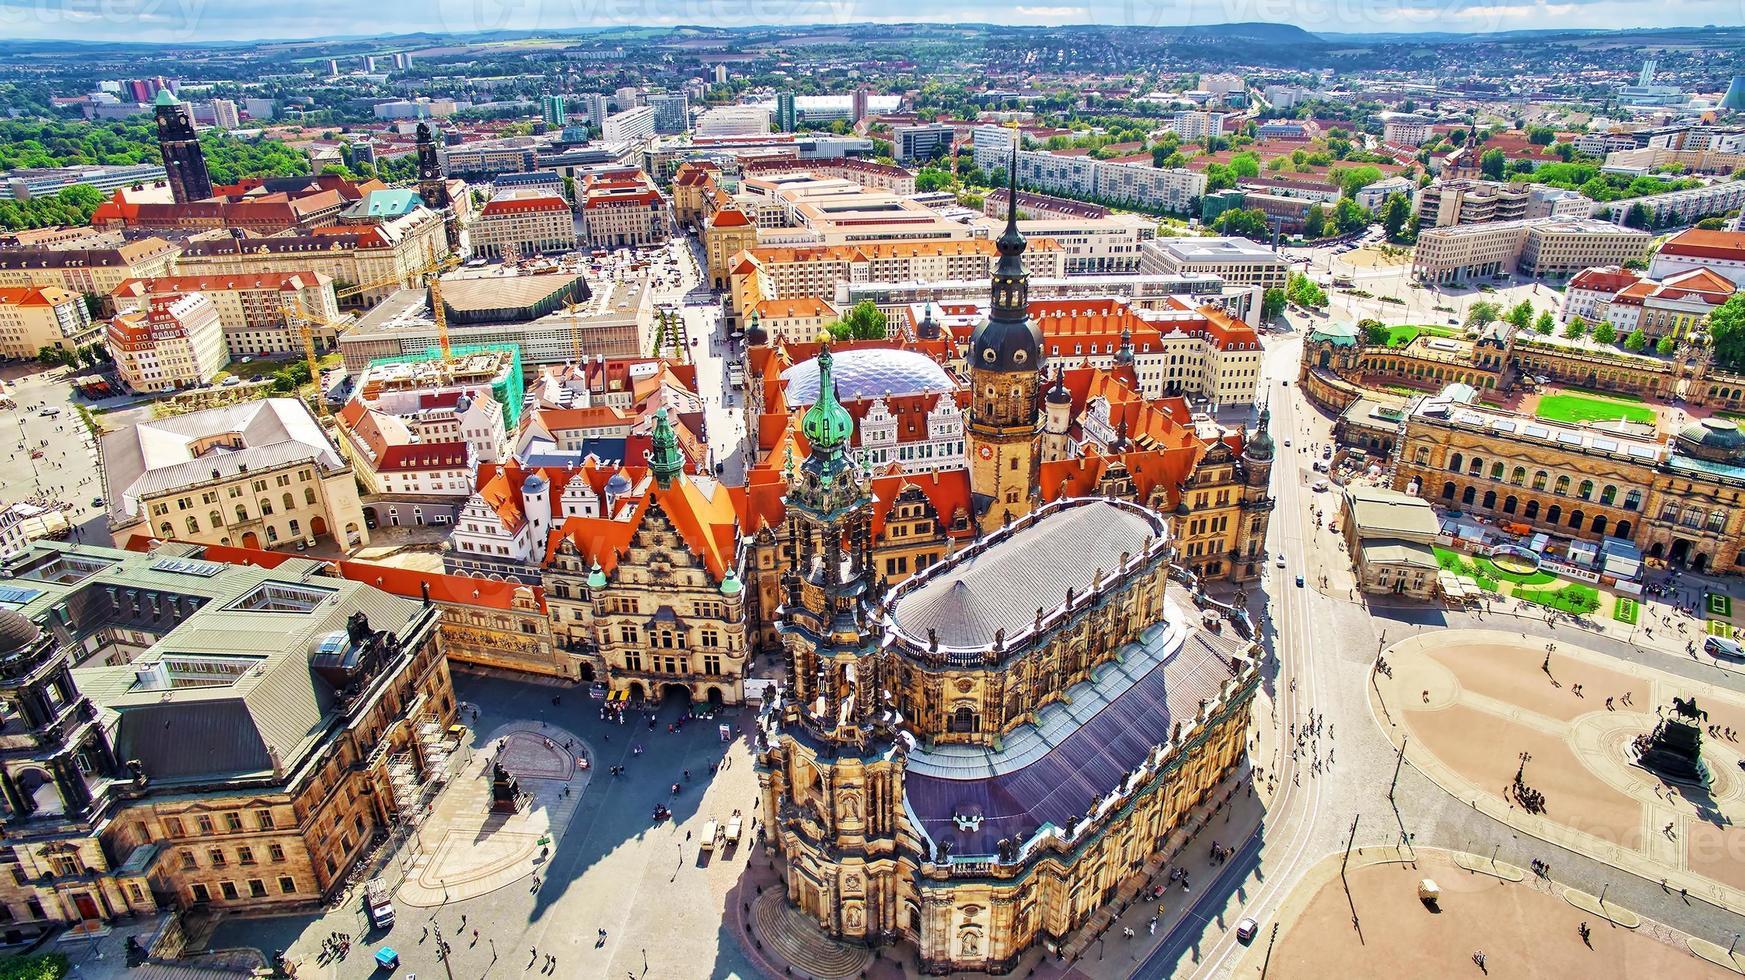 historisches Zentrum der Dresdner Altstadt. foto